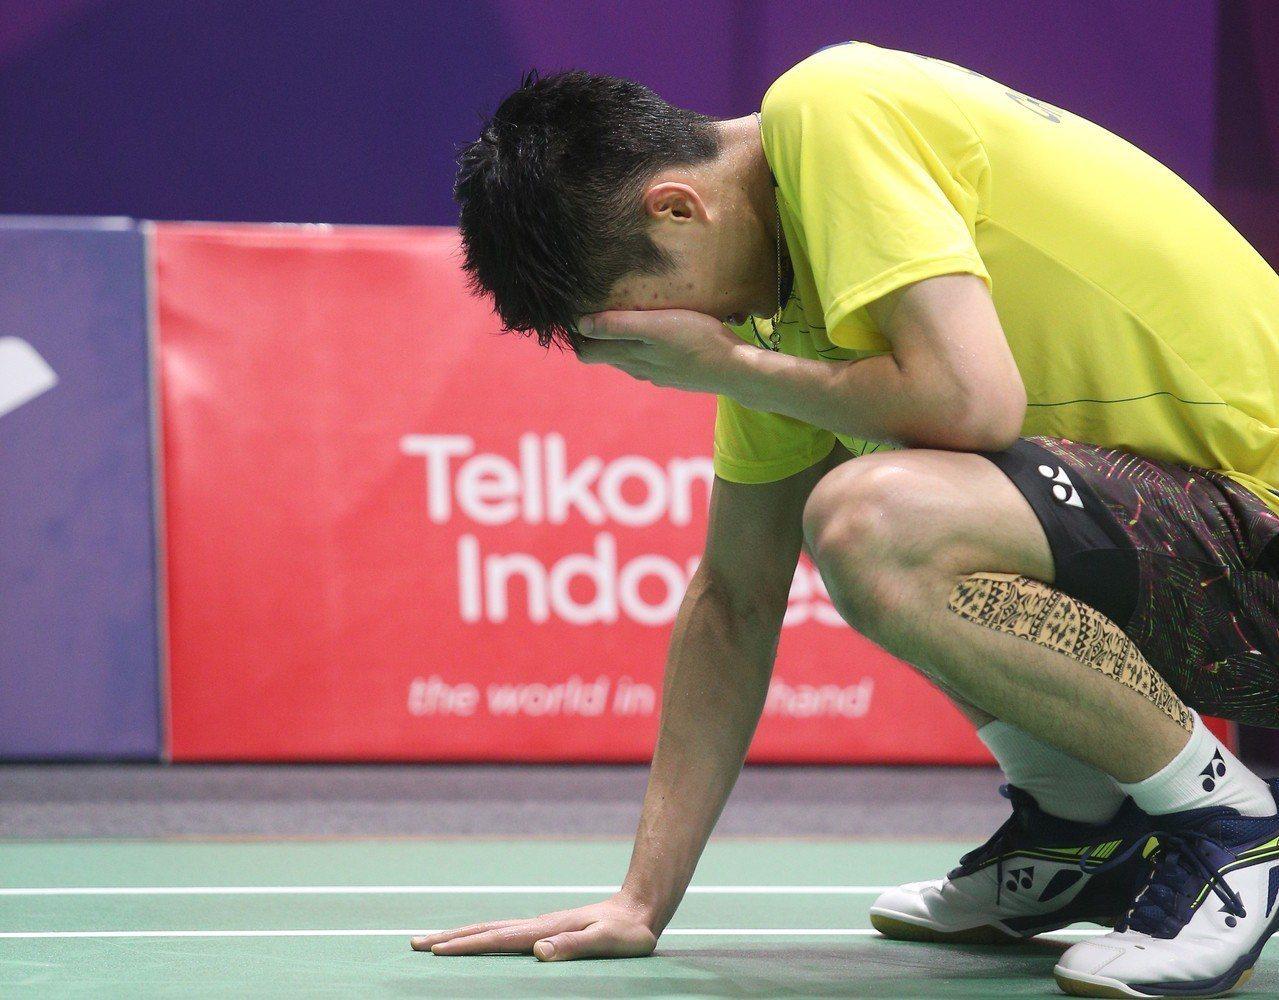 周天成8強賽逆轉勝後激動掩面。特派記者陳正興/雅加達攝影